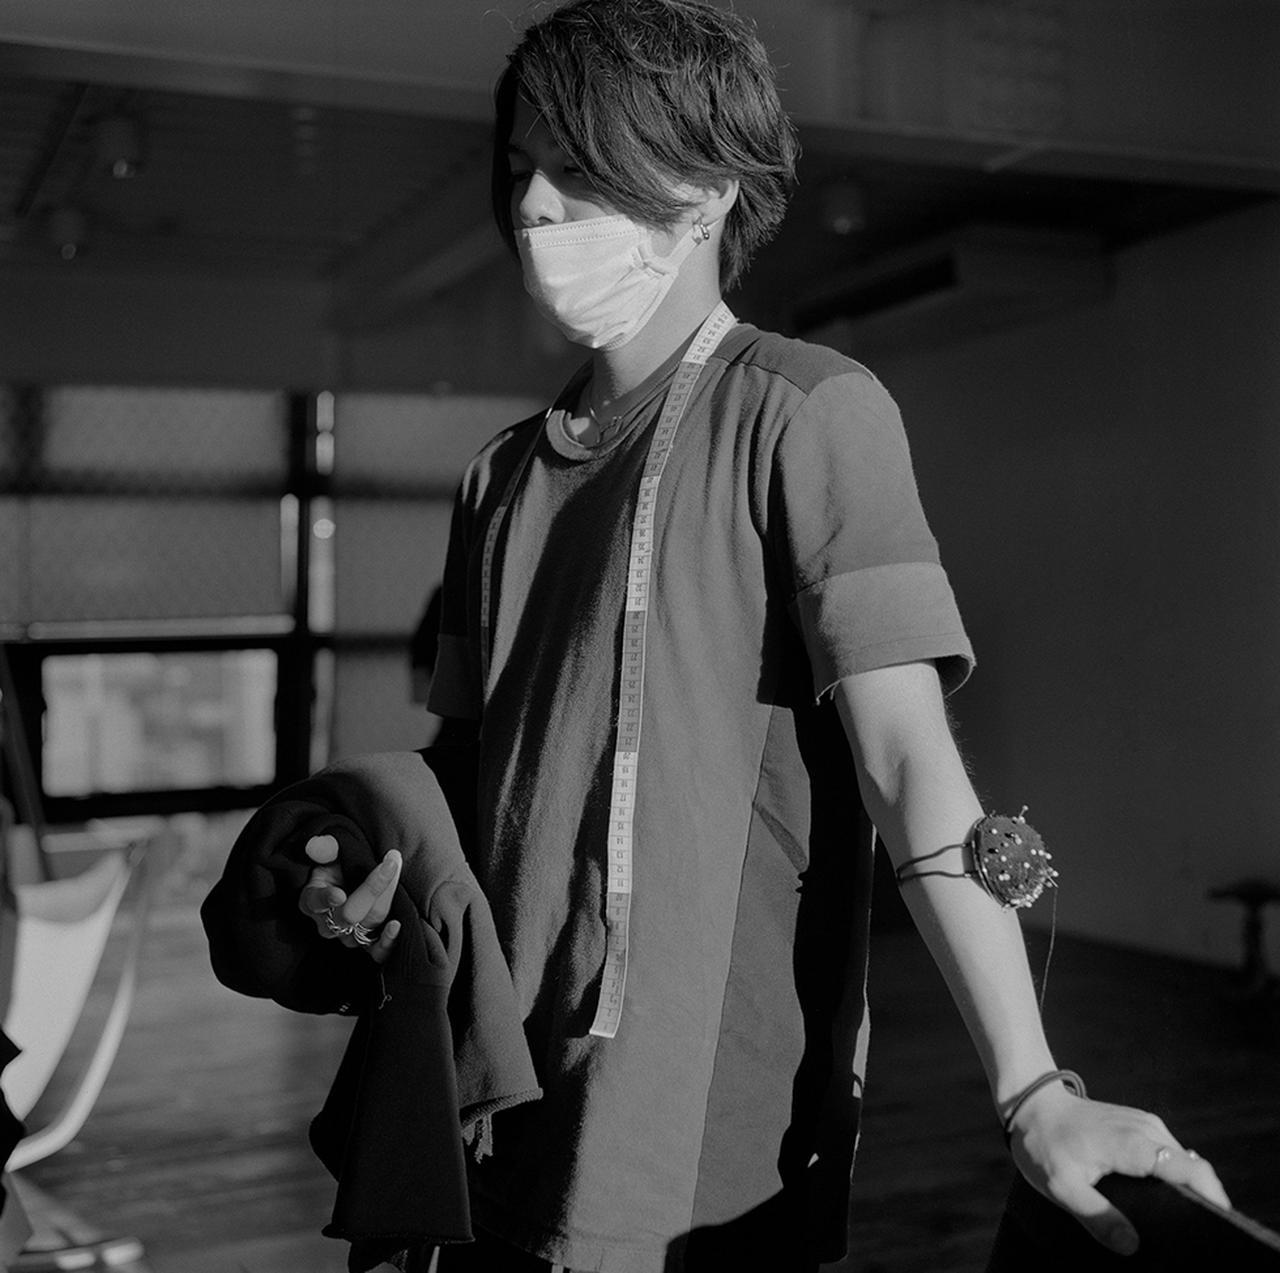 Images : 4番目の画像 - 「アンダーカバーのスタジオで 高橋 盾の内なる世界をのぞく」のアルバム - T JAPAN:The New York Times Style Magazine 公式サイト